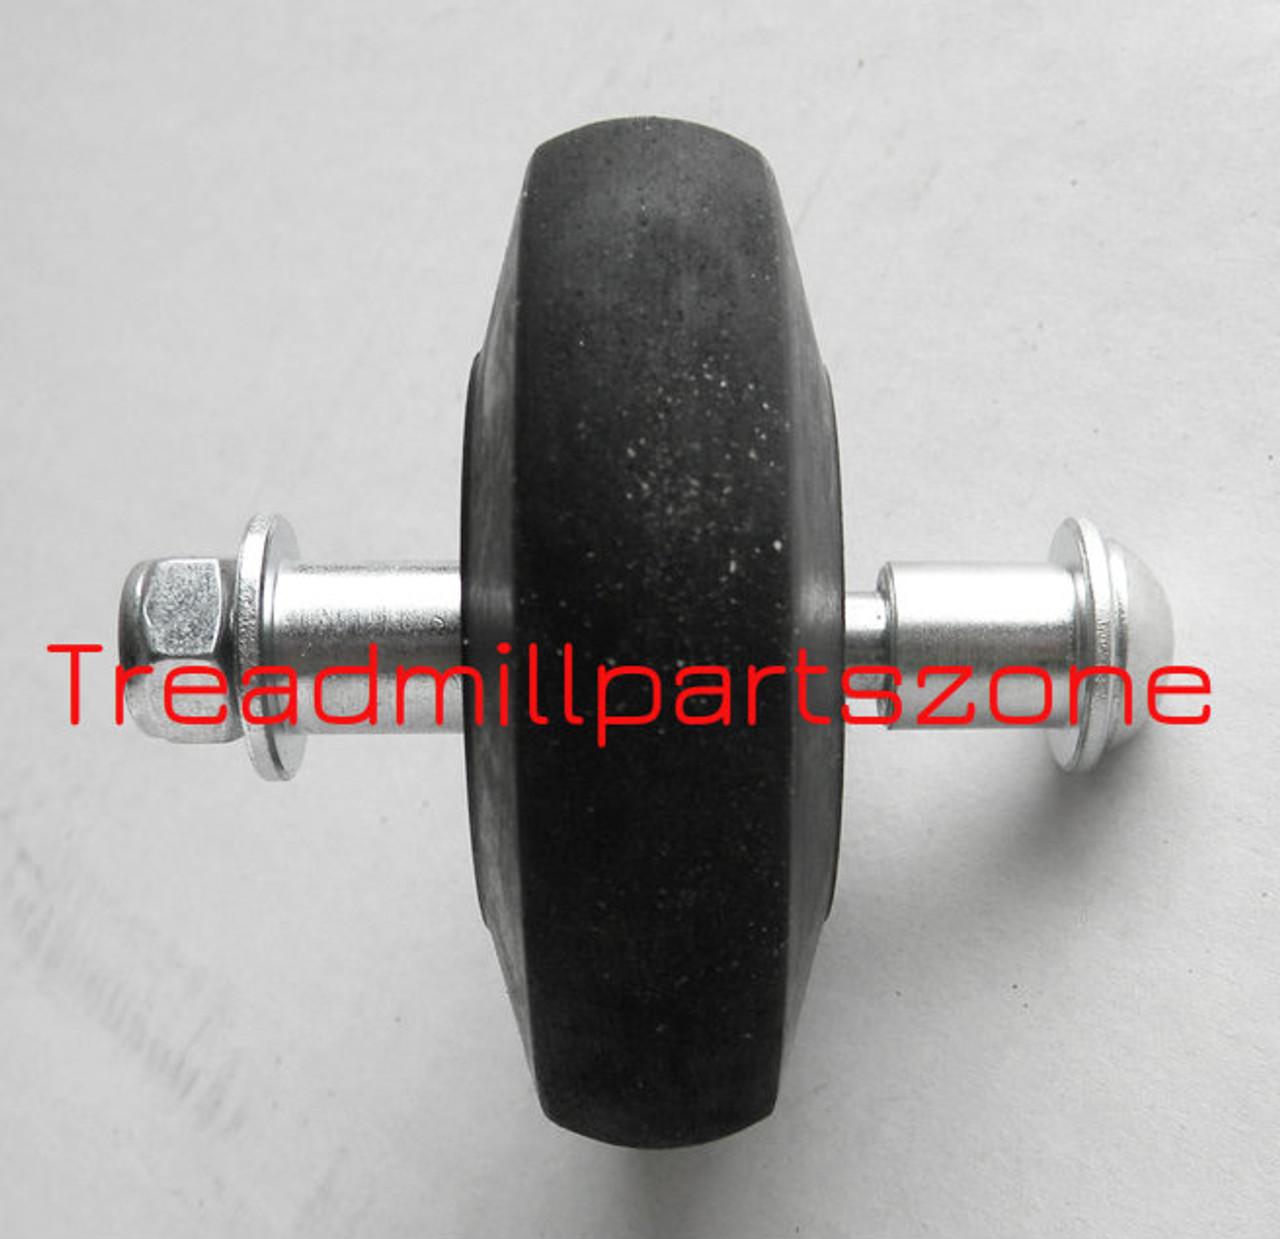 Nautilus Model E514 C Elliptical Roller Part Number 002-4887